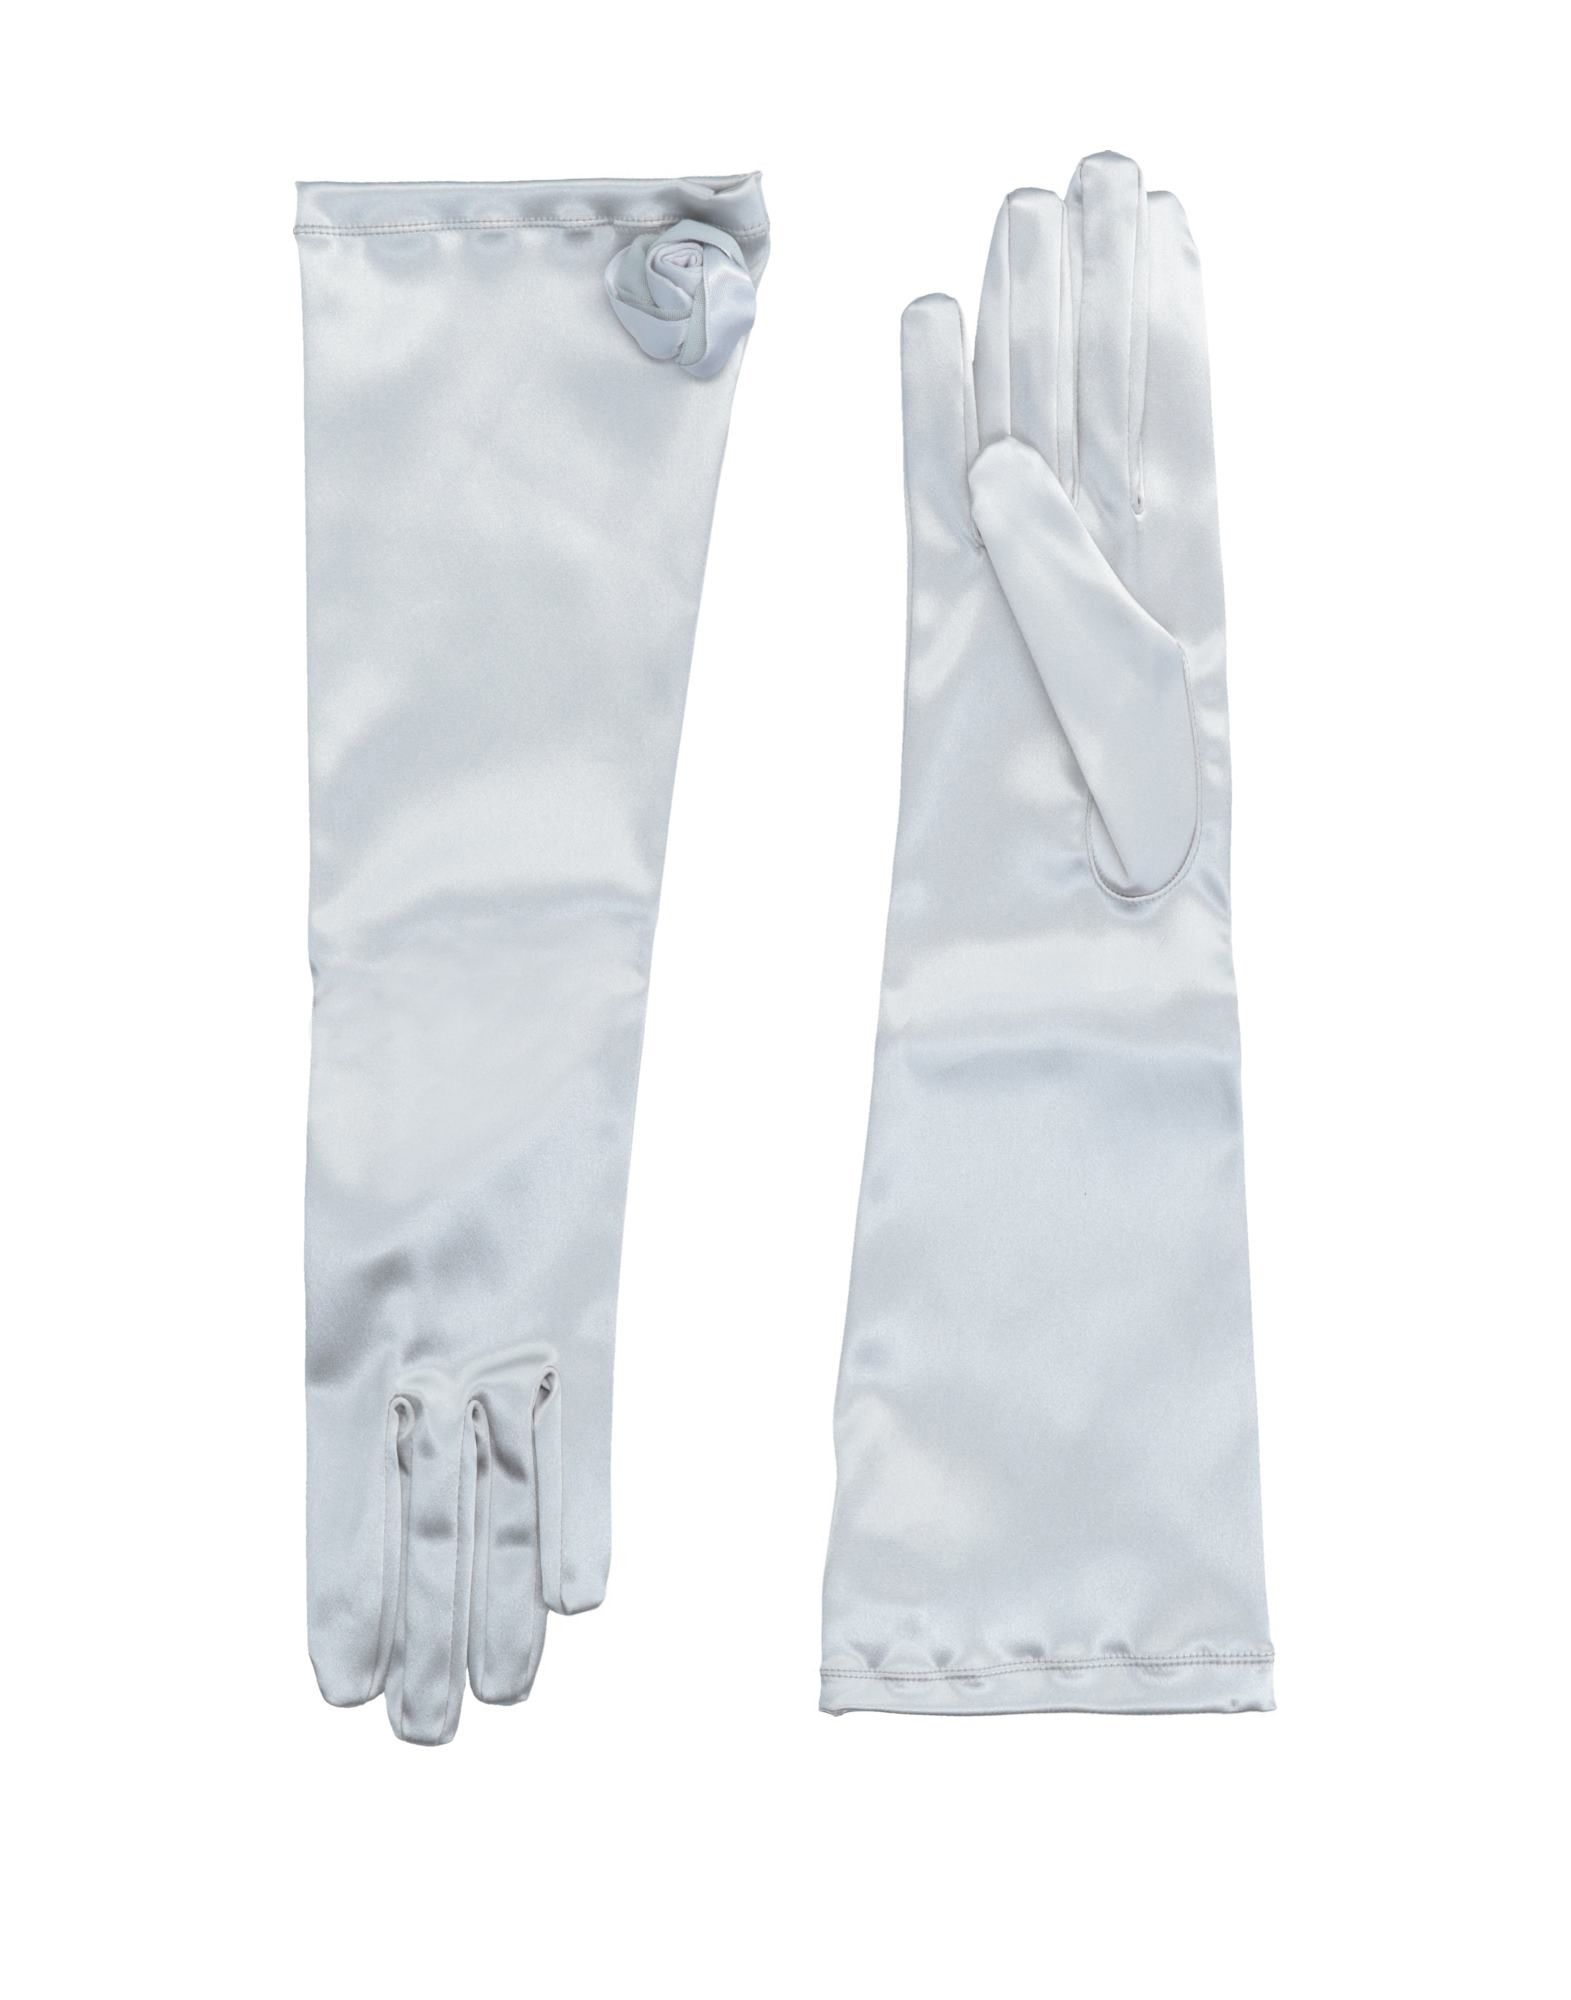 ARMANI COLLEZIONI Damen Handschuhe Farbe Hellgrau Größe 6